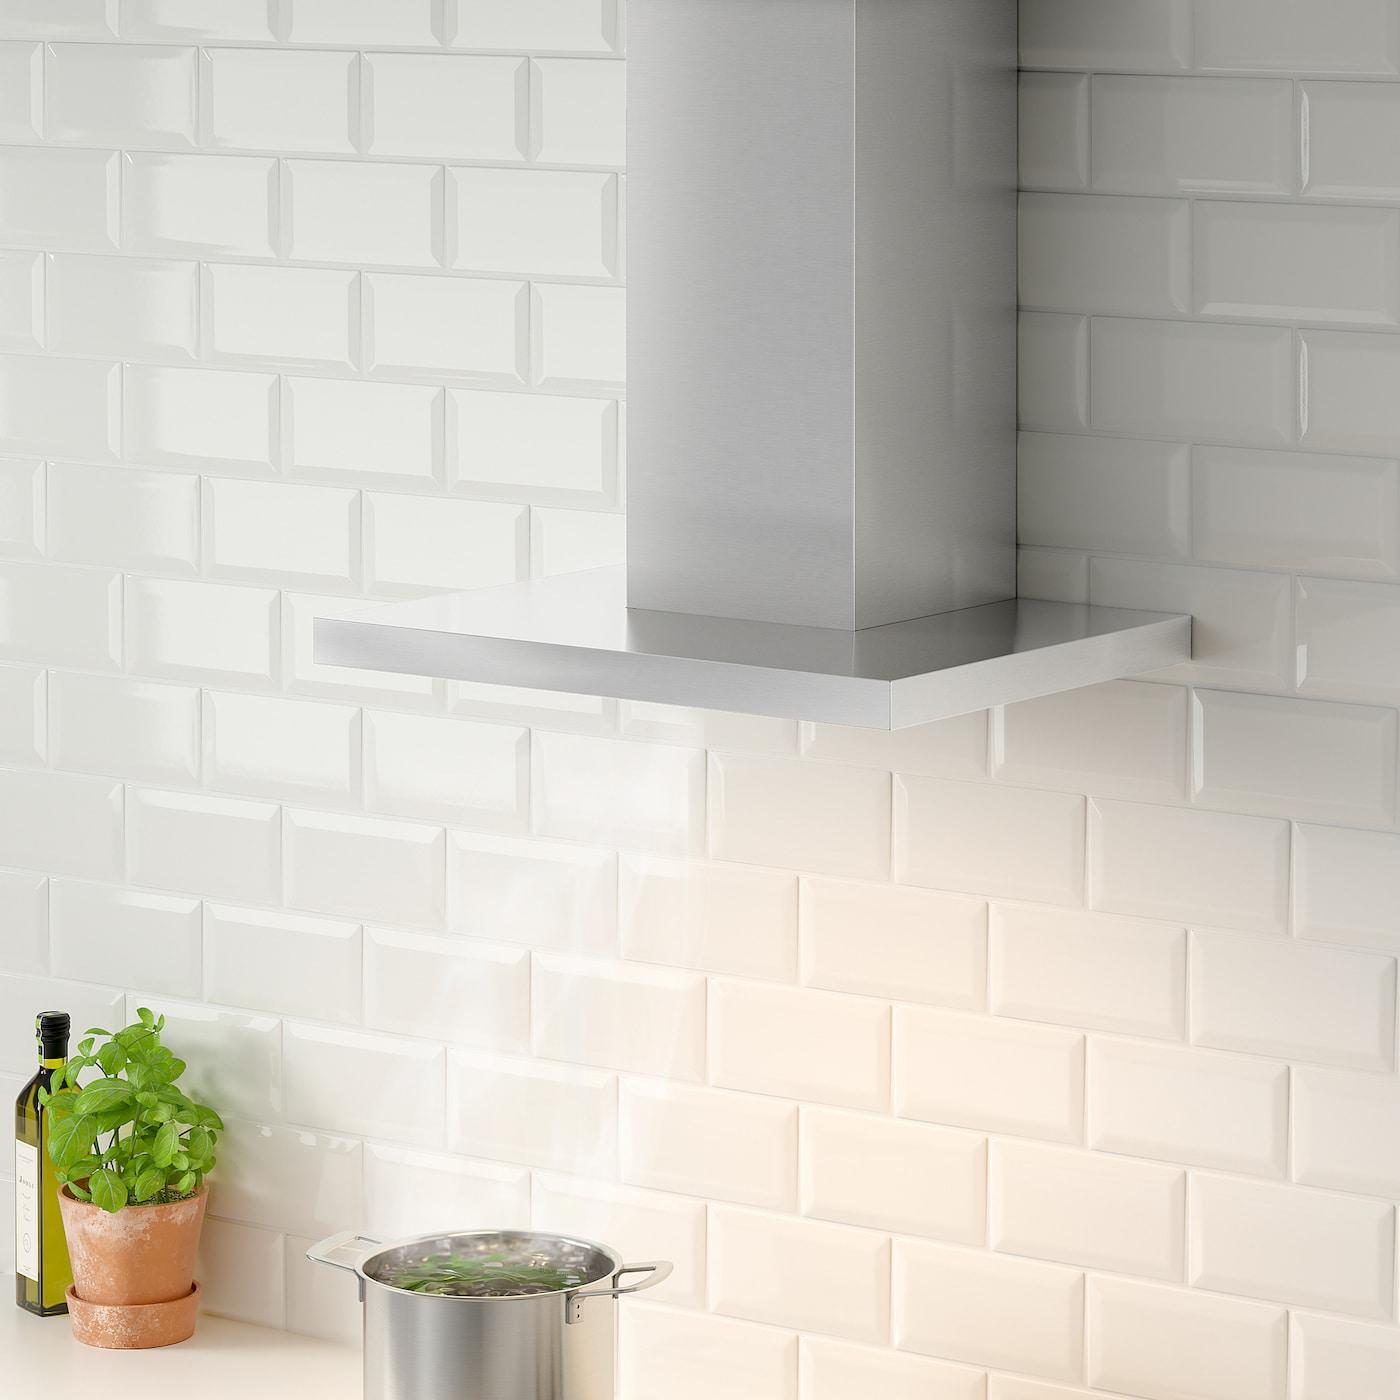 MATÄLSKARE Wall mounted extractor hood, stainless steel colour